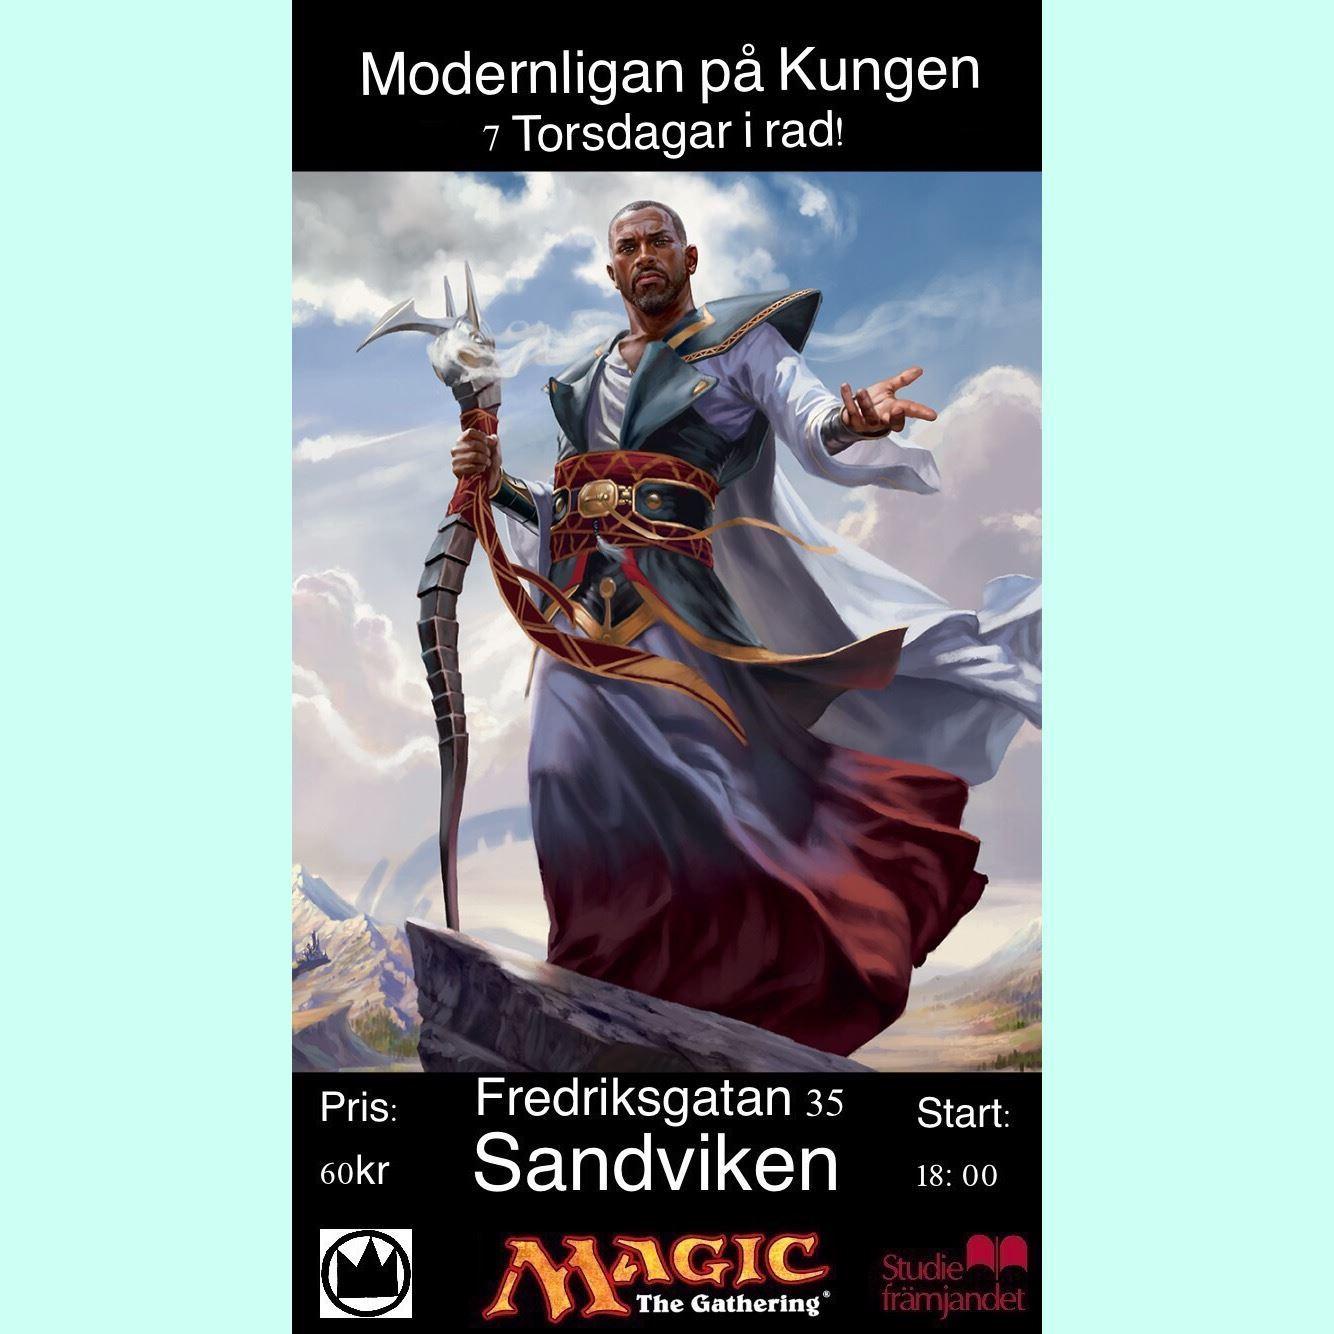 Magic - Modern liga på Kungen!